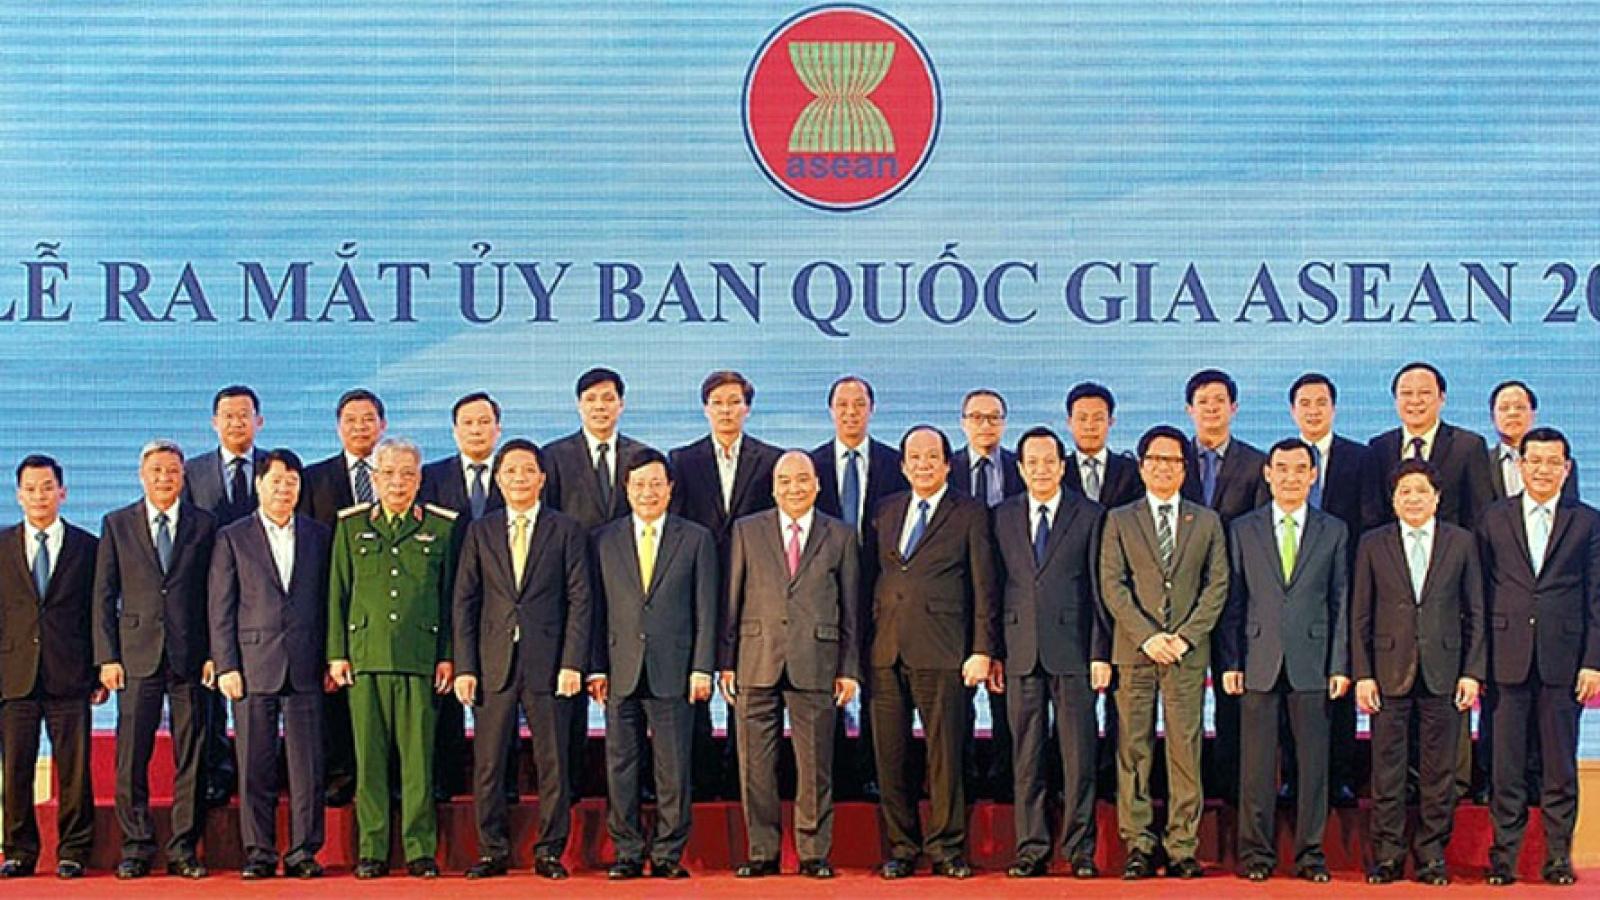 Australia chúc mừng Việt Nam đảm nhiệm vai trò Chủ tịch ASEAN trong một năm đầy thử thách